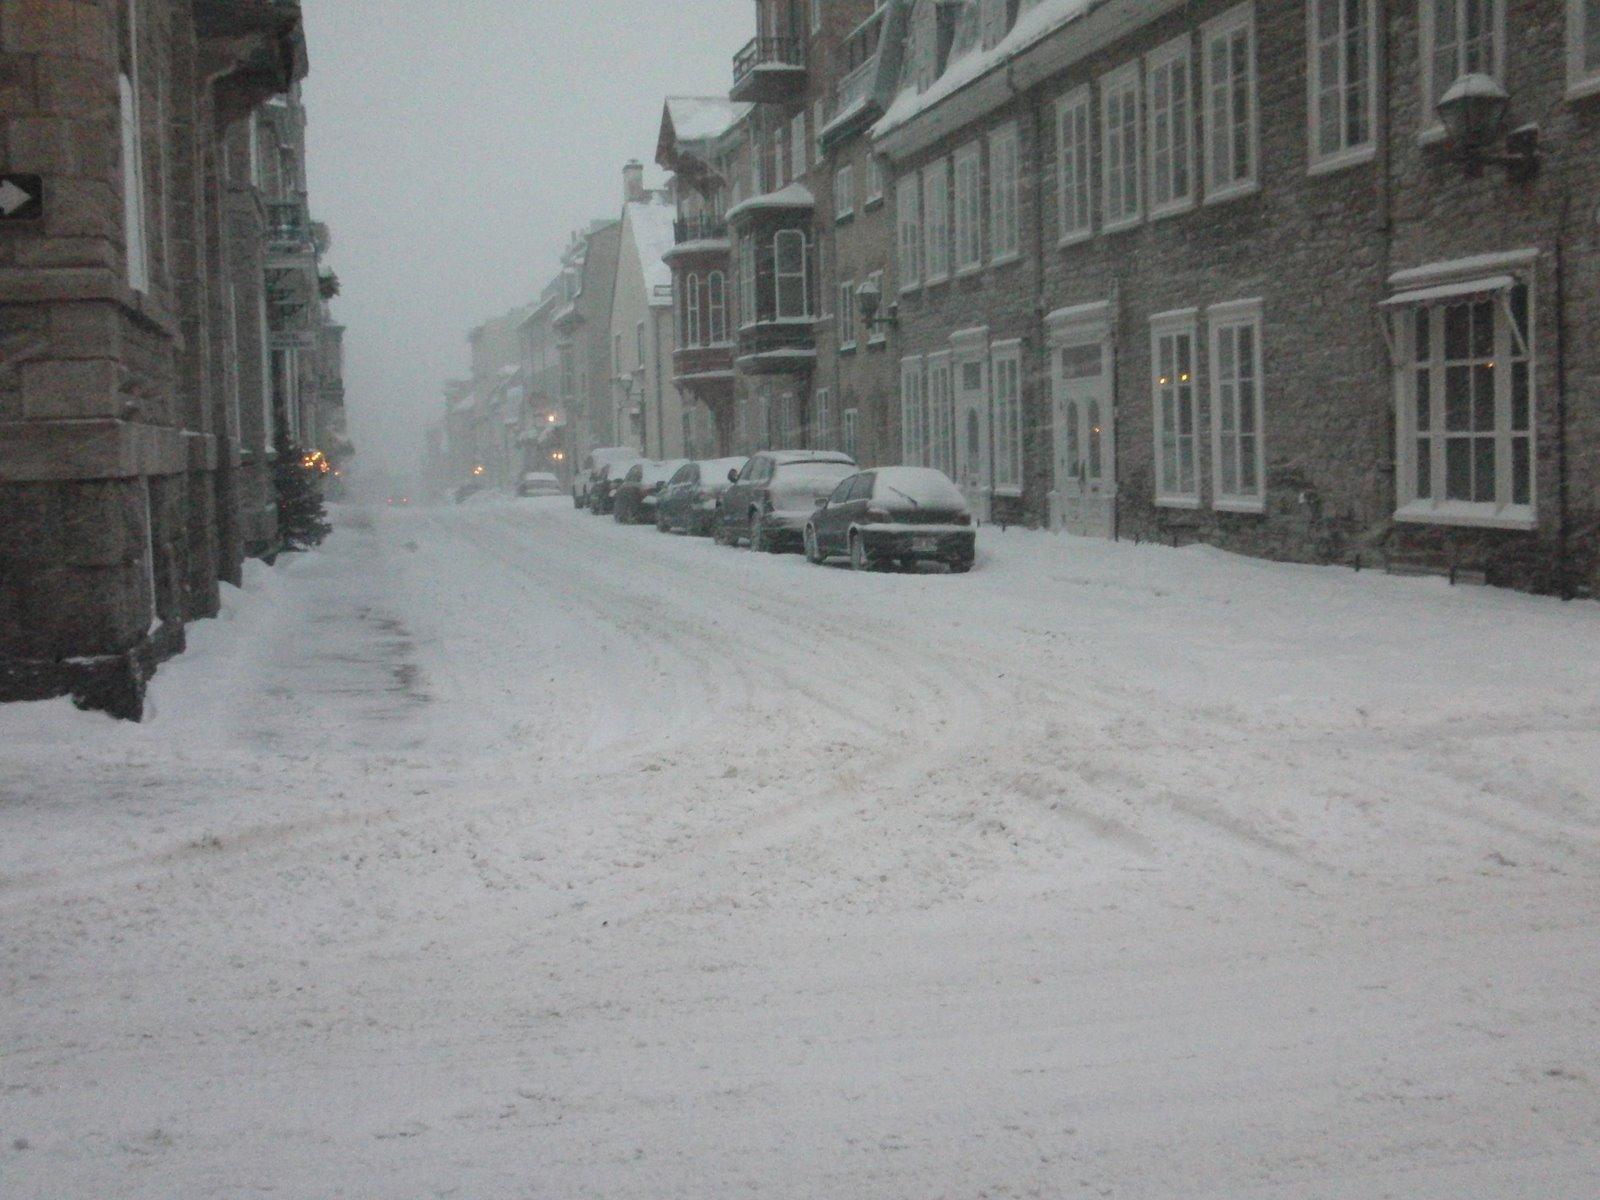 adrien et sophie  u00e0 qu u00e9bec  qu u00e9bec sous la neige  4